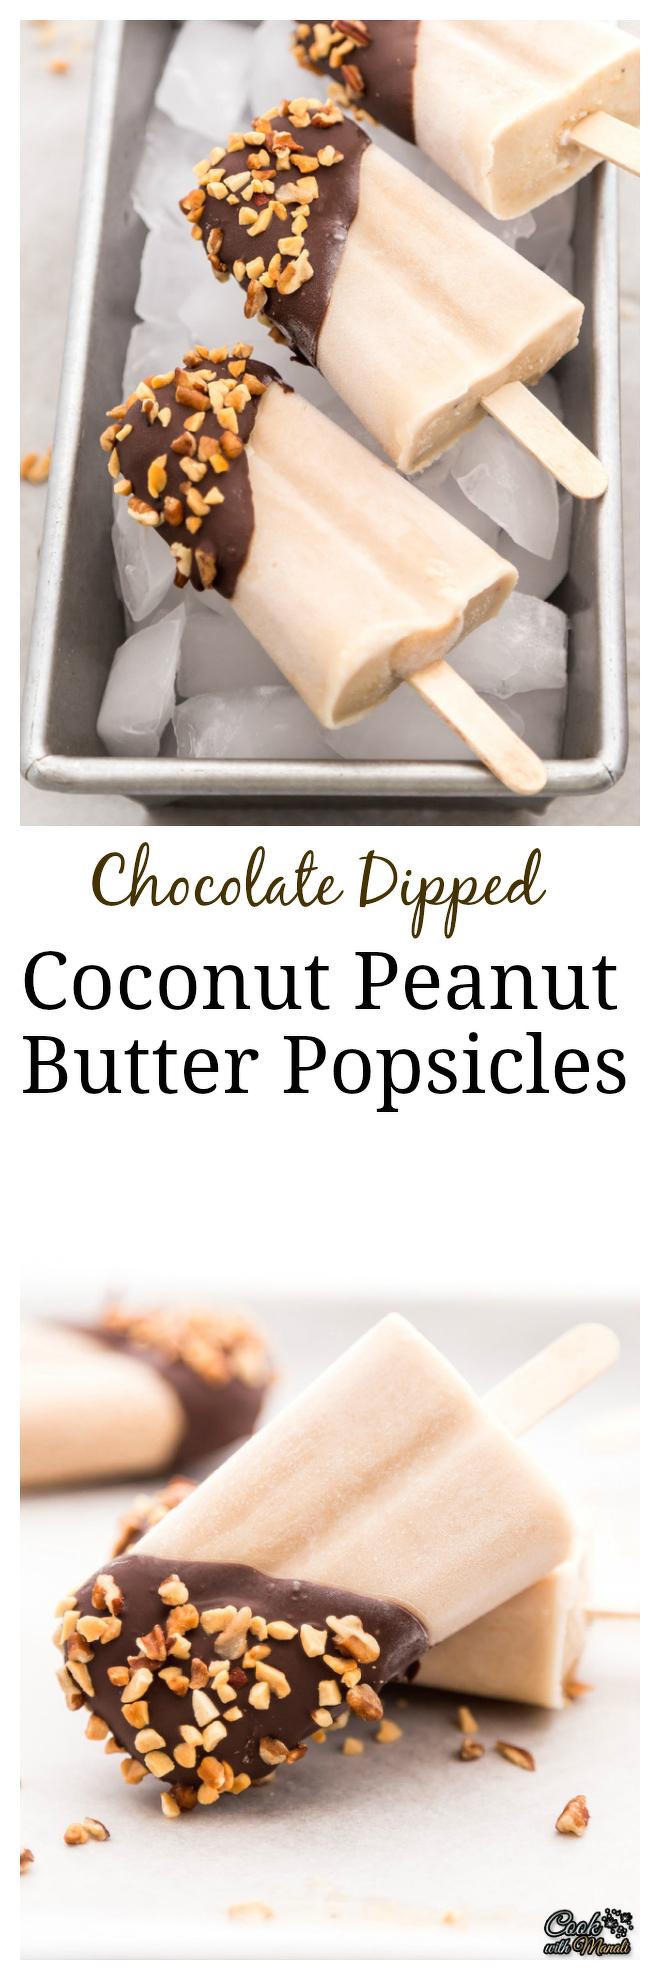 Coconut Peanut Butter Popsicles Collage-nocwm